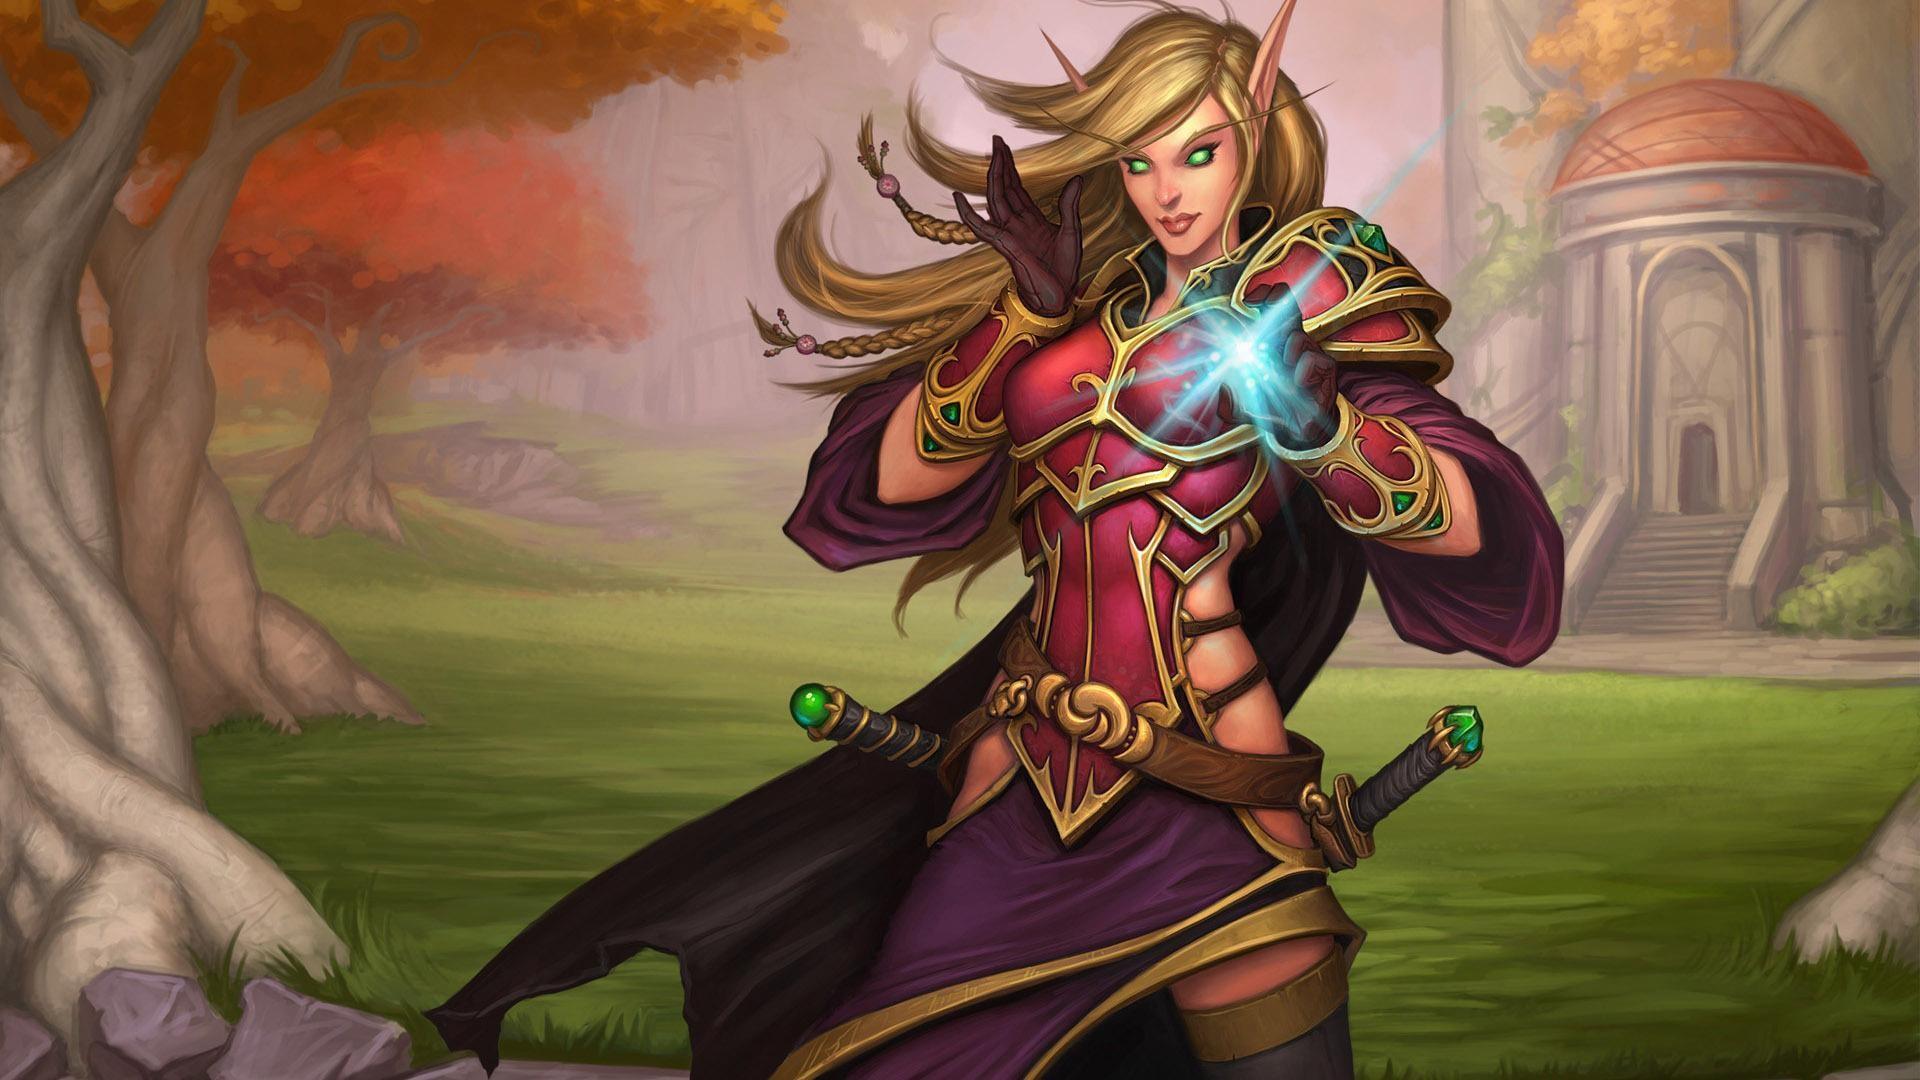 World of Warcraft female elf warrior